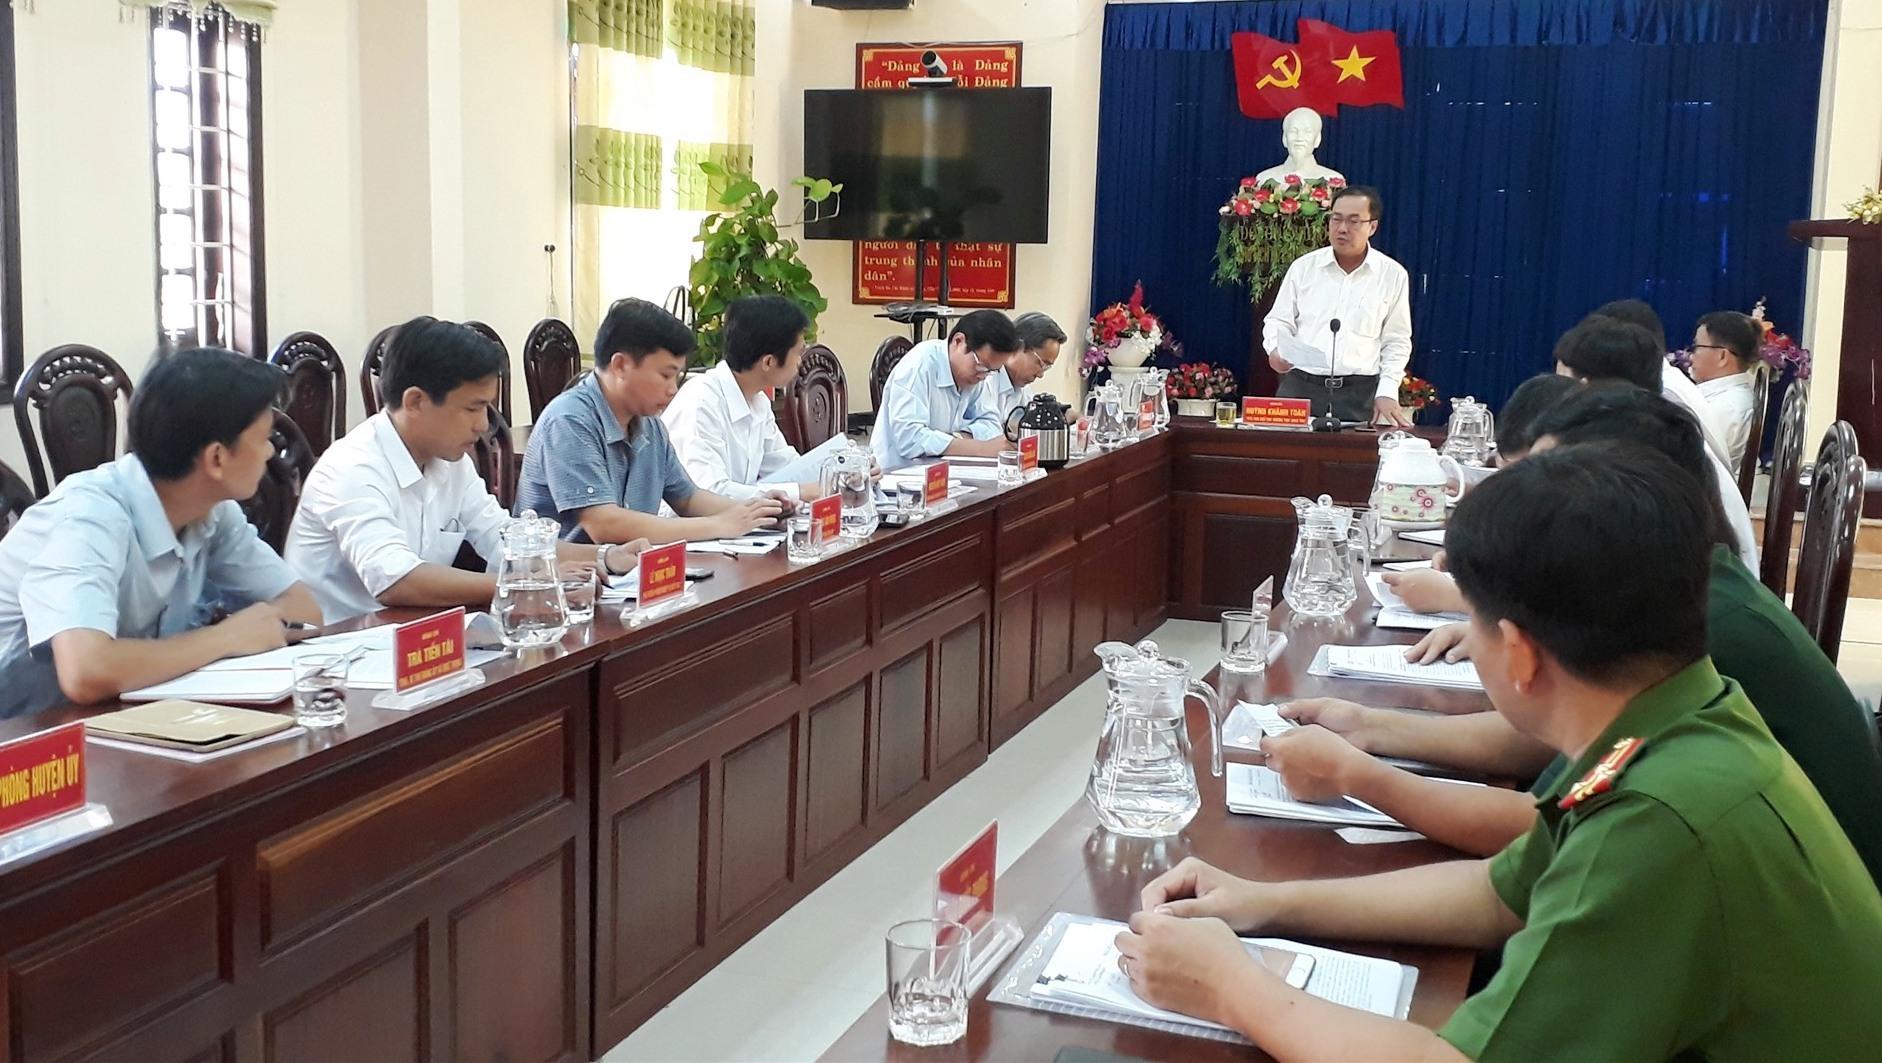 Quảng cảnh buổi kiểm tra công tác chuẩn bị Đại hội Đảng tại Nông Sơn. Ảnh MINH THÔNG